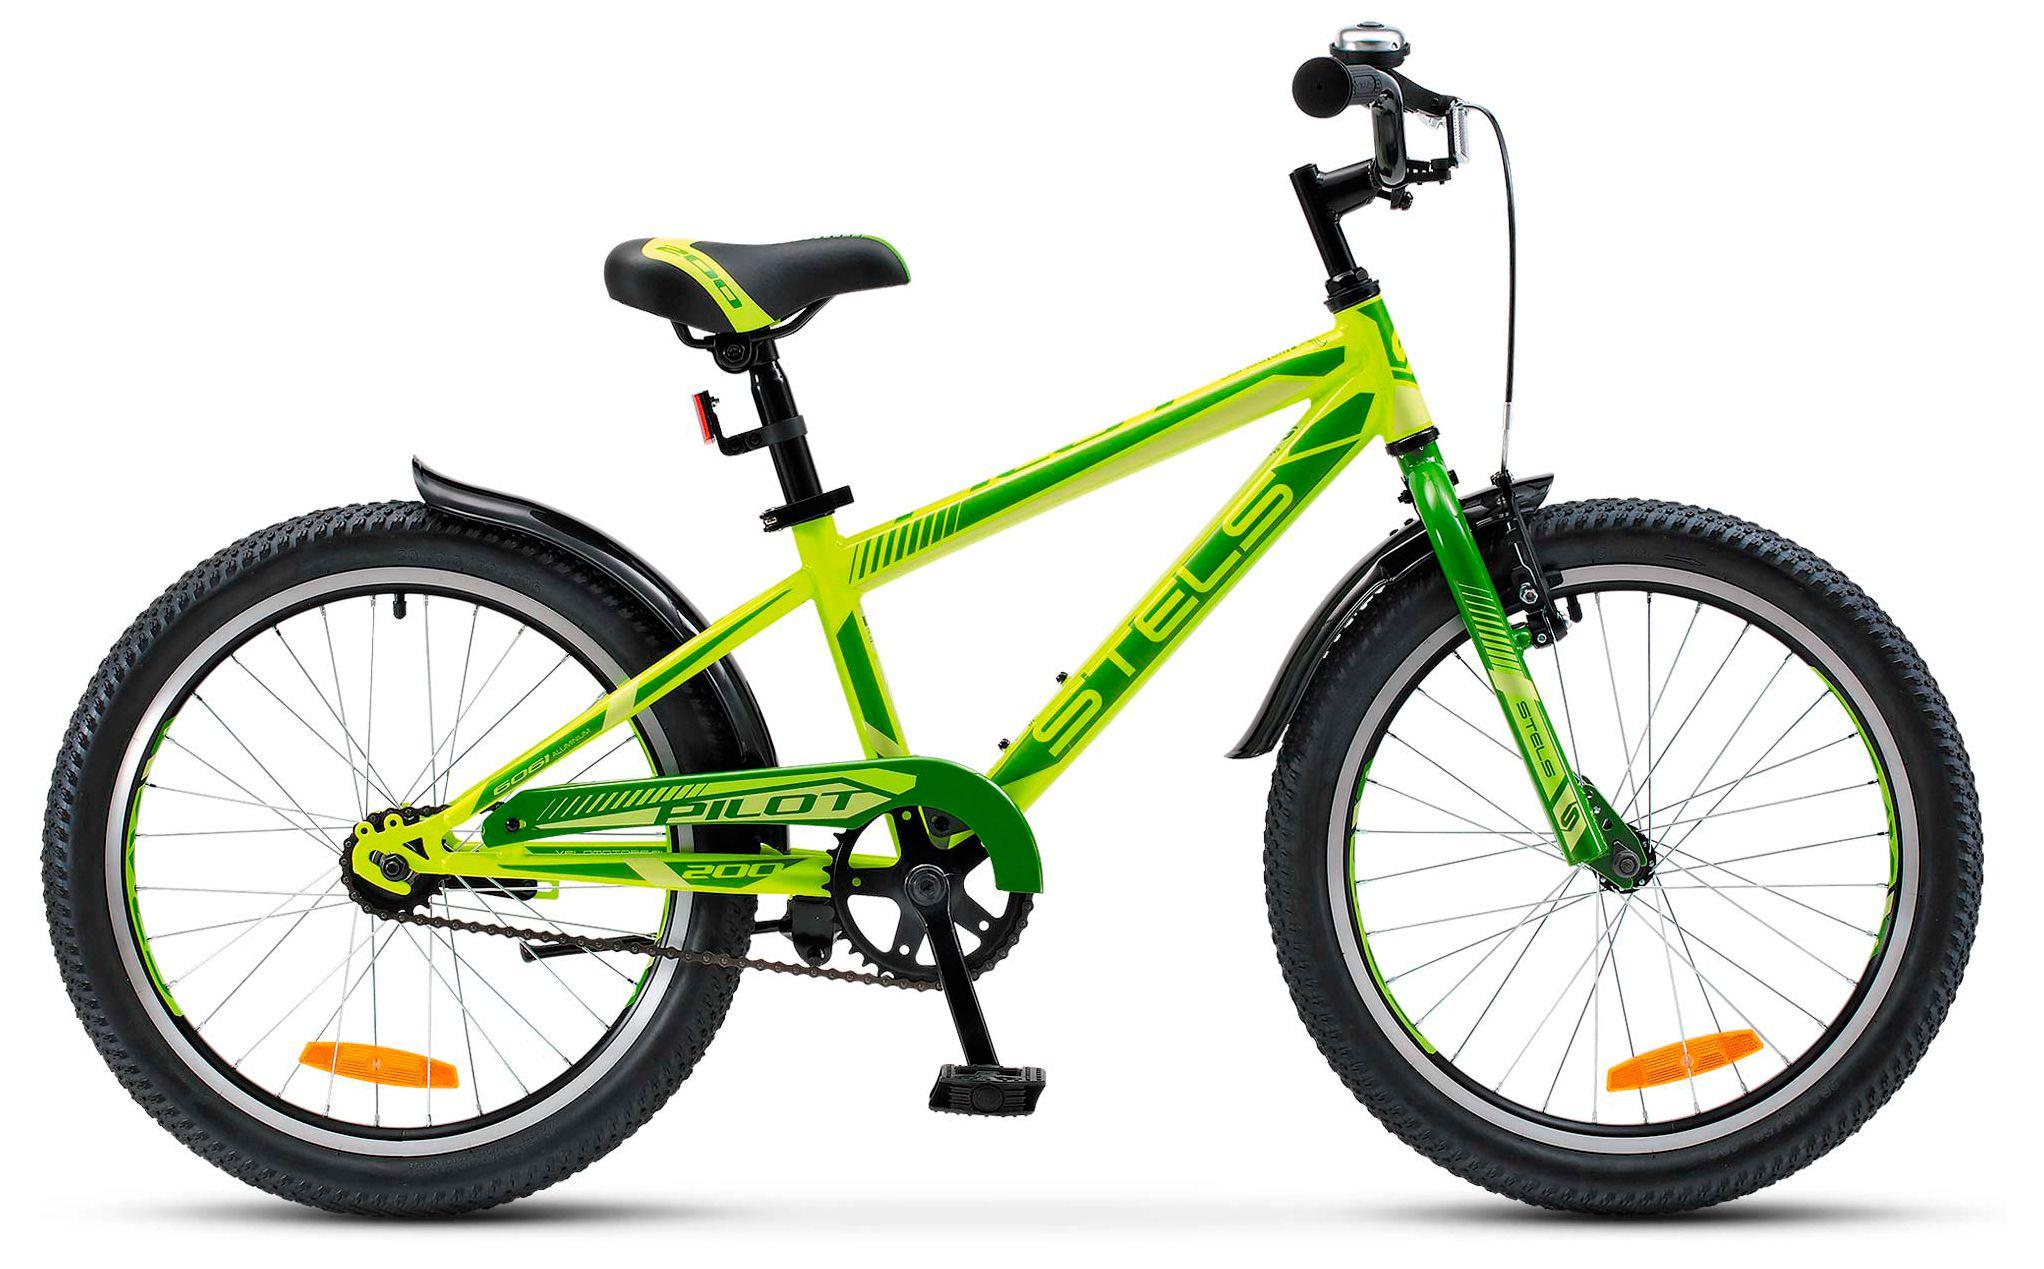 Велосипед Stels Pilot-200 Gent 20 (V021) 2017 велосипед с корзиной stels navigator 380 gent 20 2015 black green